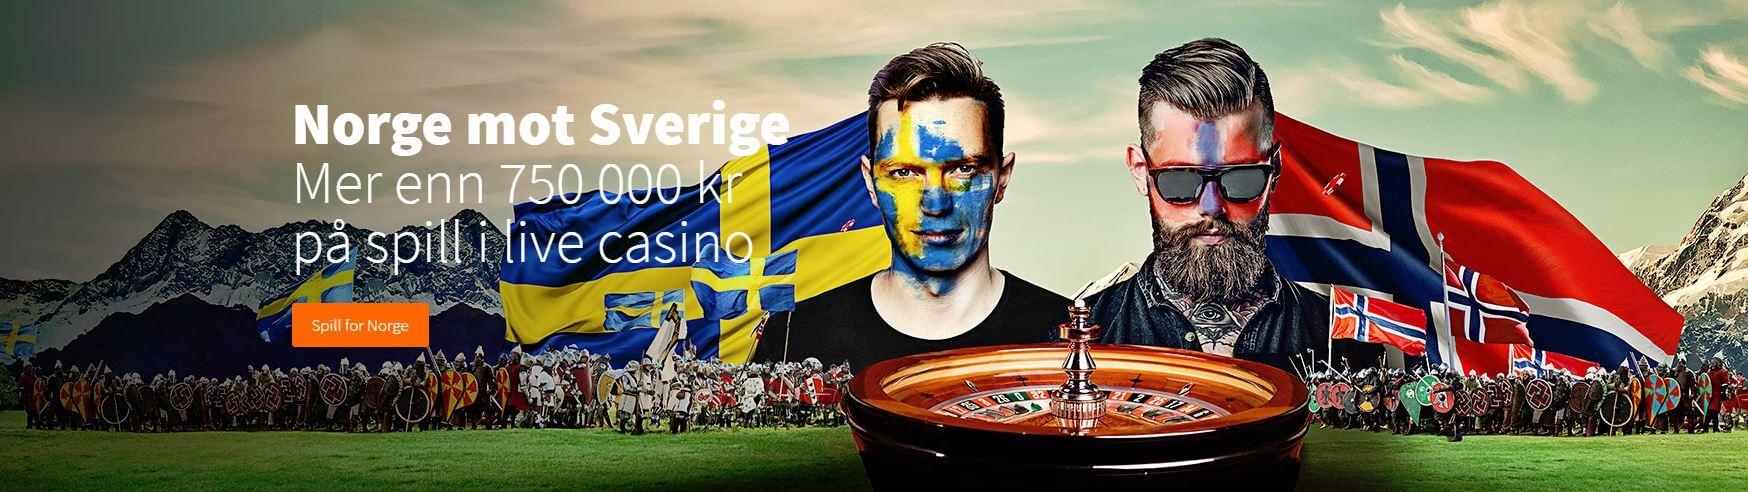 Live Blackjack | 3.000 kr bonus | Live.Casino.com Sverige